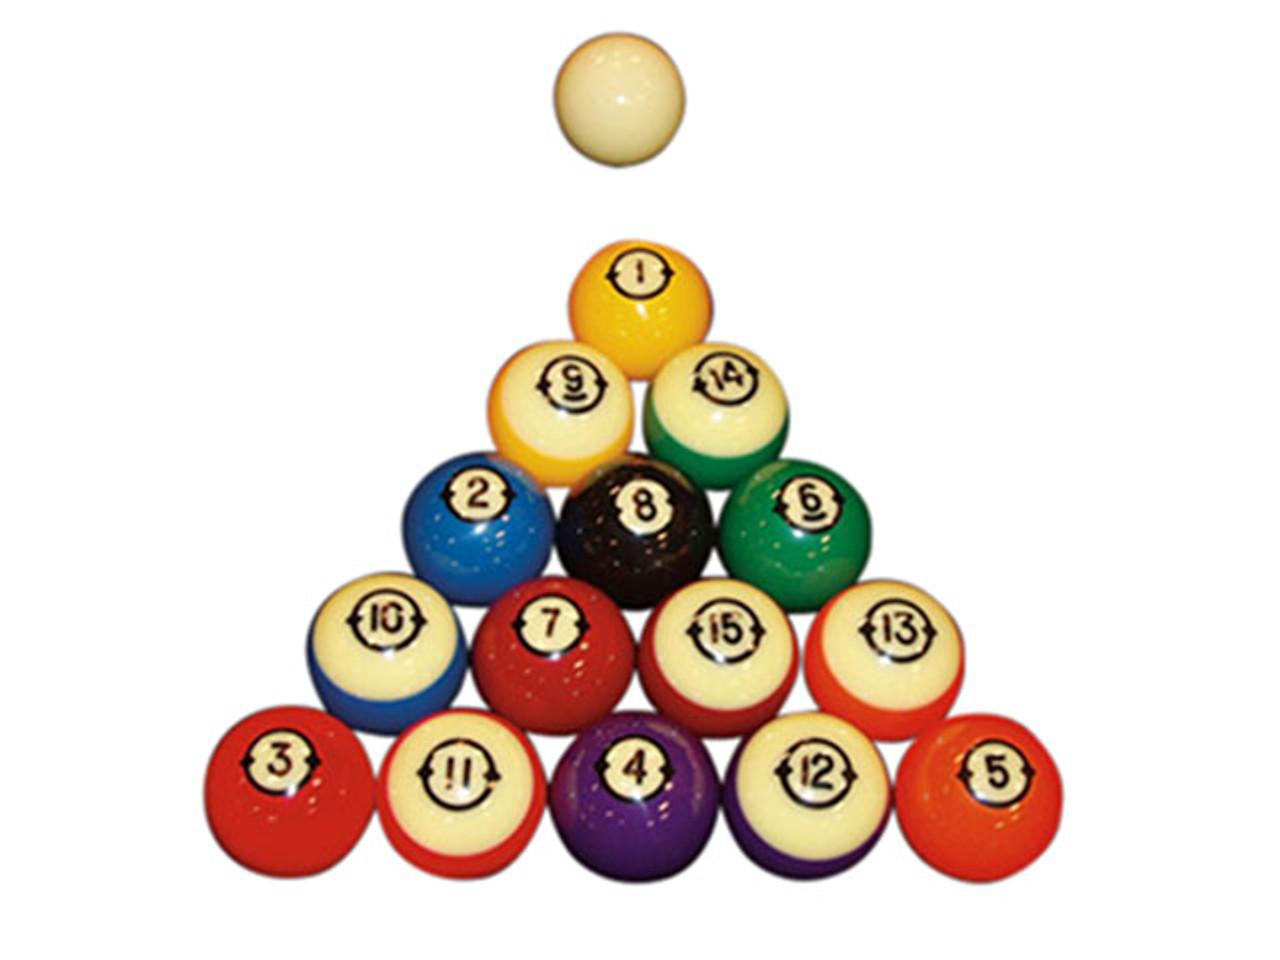 Merveilleux Renaissance Billiard Balls